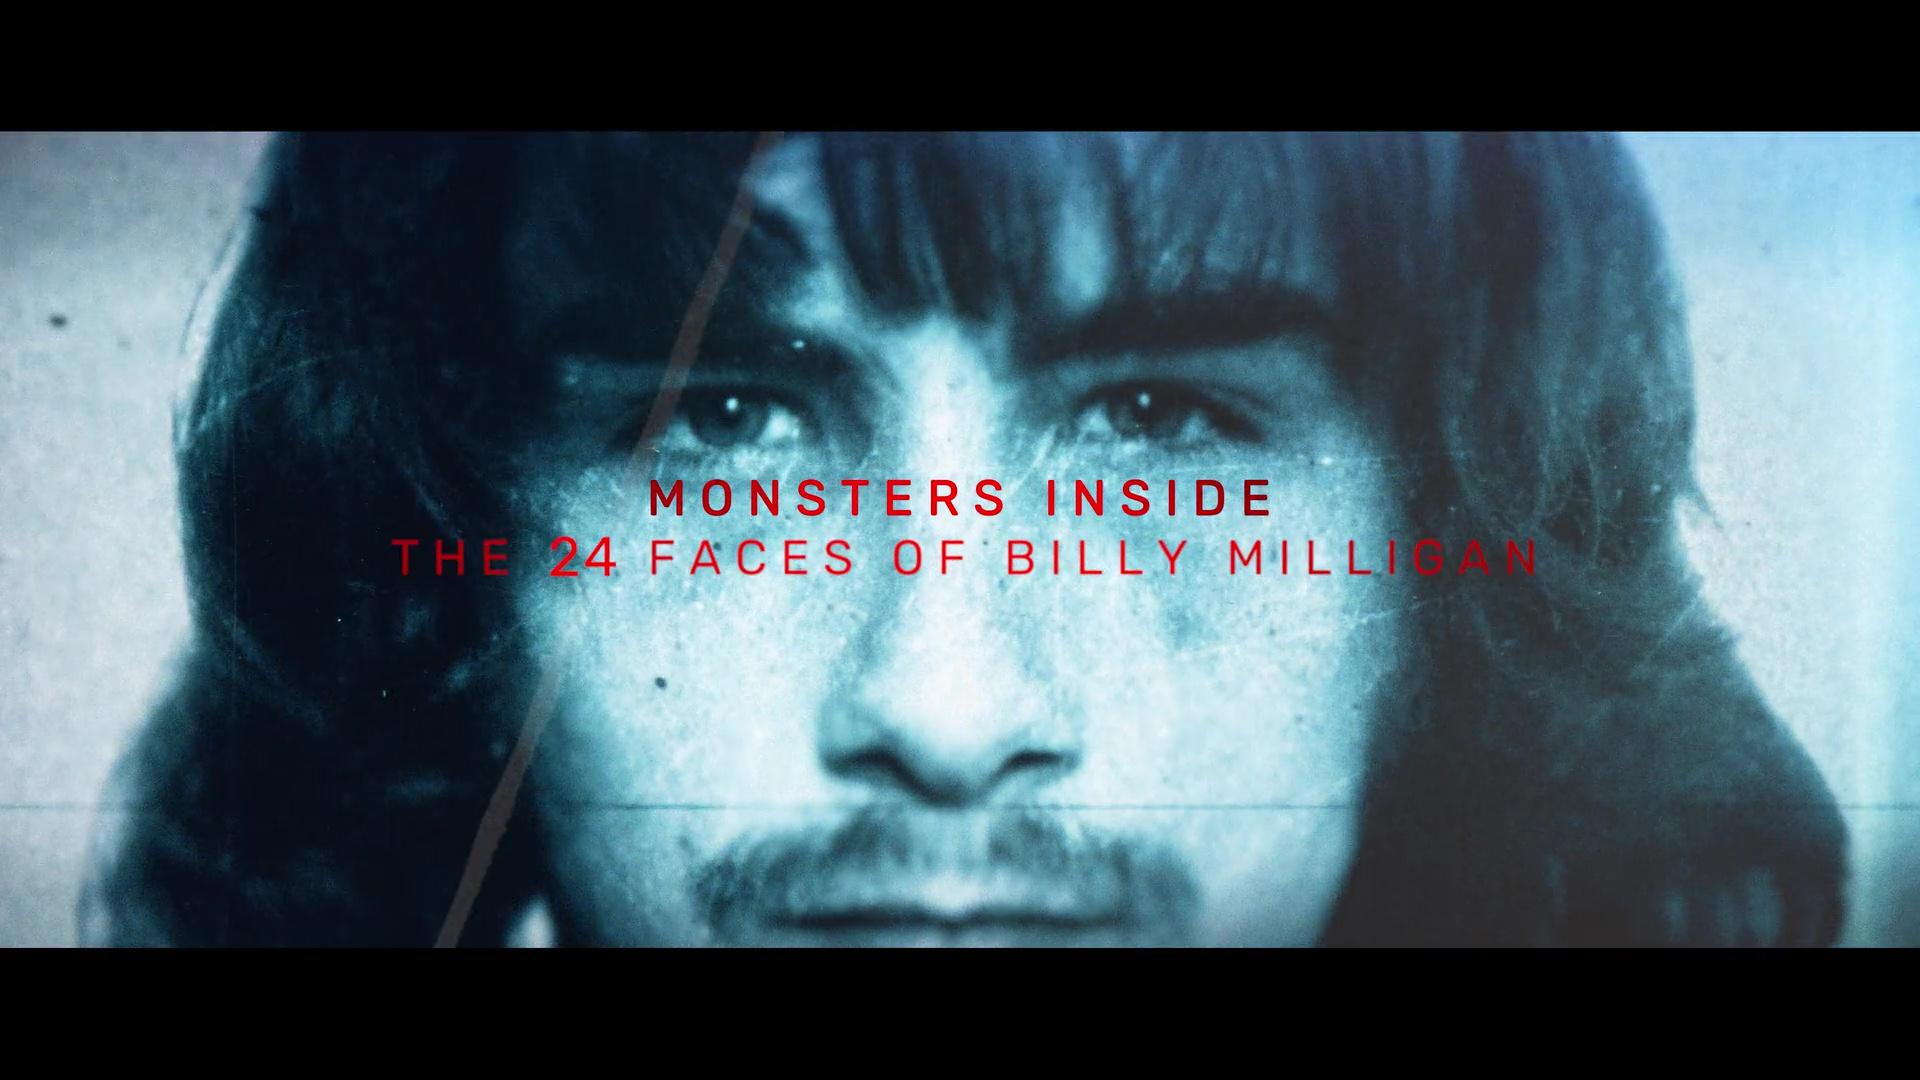 Monstruos internos: Las 24 caras de Billy Milligan (2021) Temporada 1 1080p WEB-DL Latino